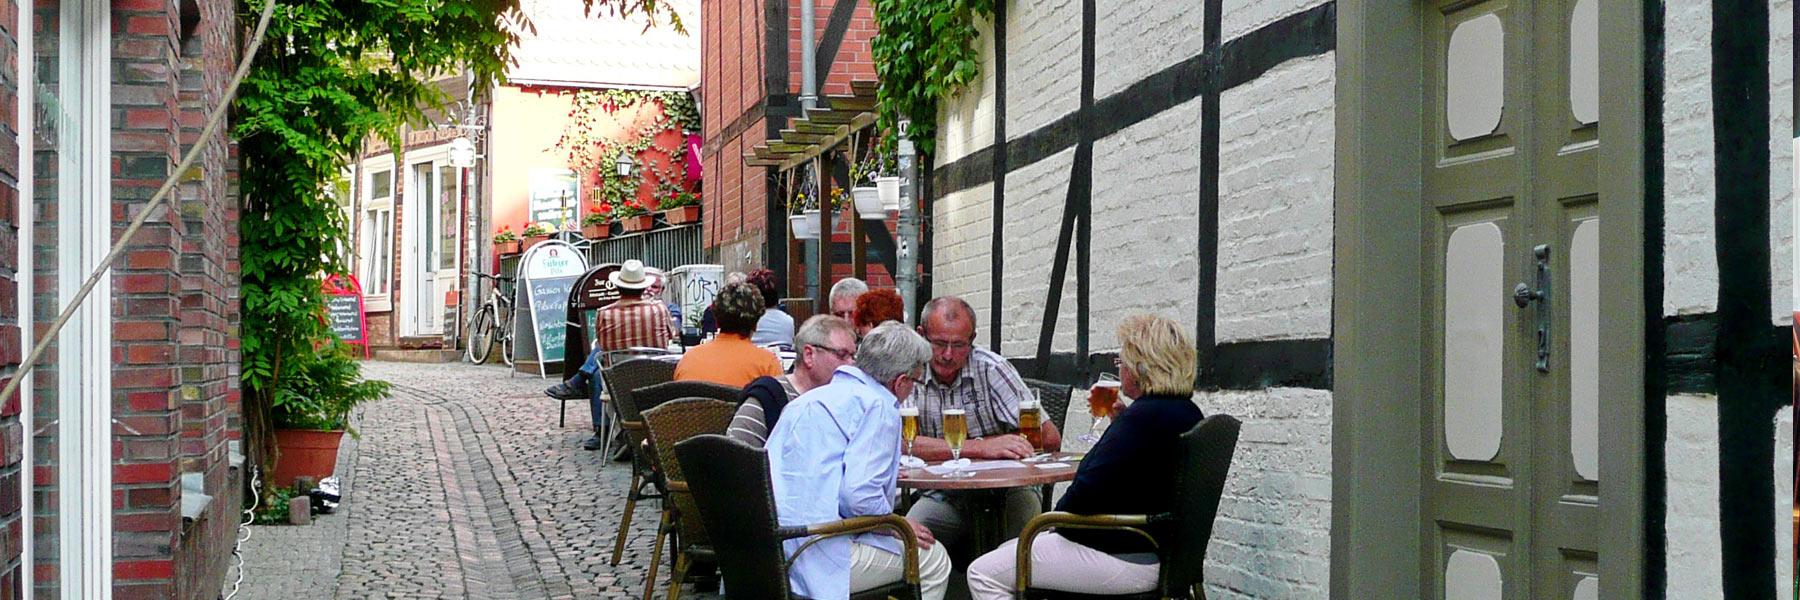 Restaurant Gasse - Zur guten Quelle